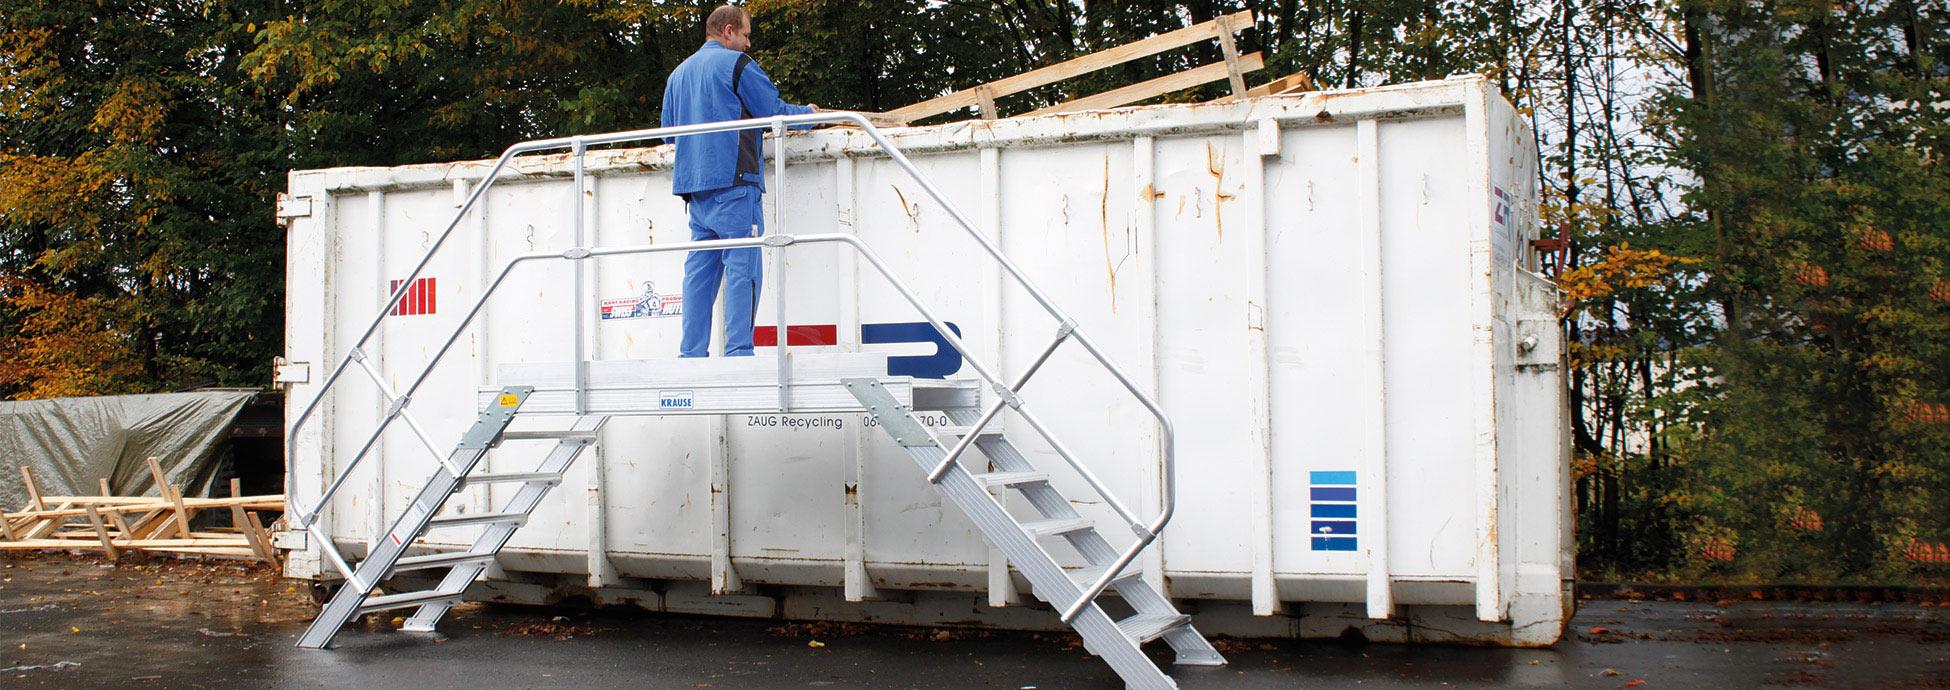 Konstrukcje specjalne, schodki montażowe i podesty gospodarce odpadami